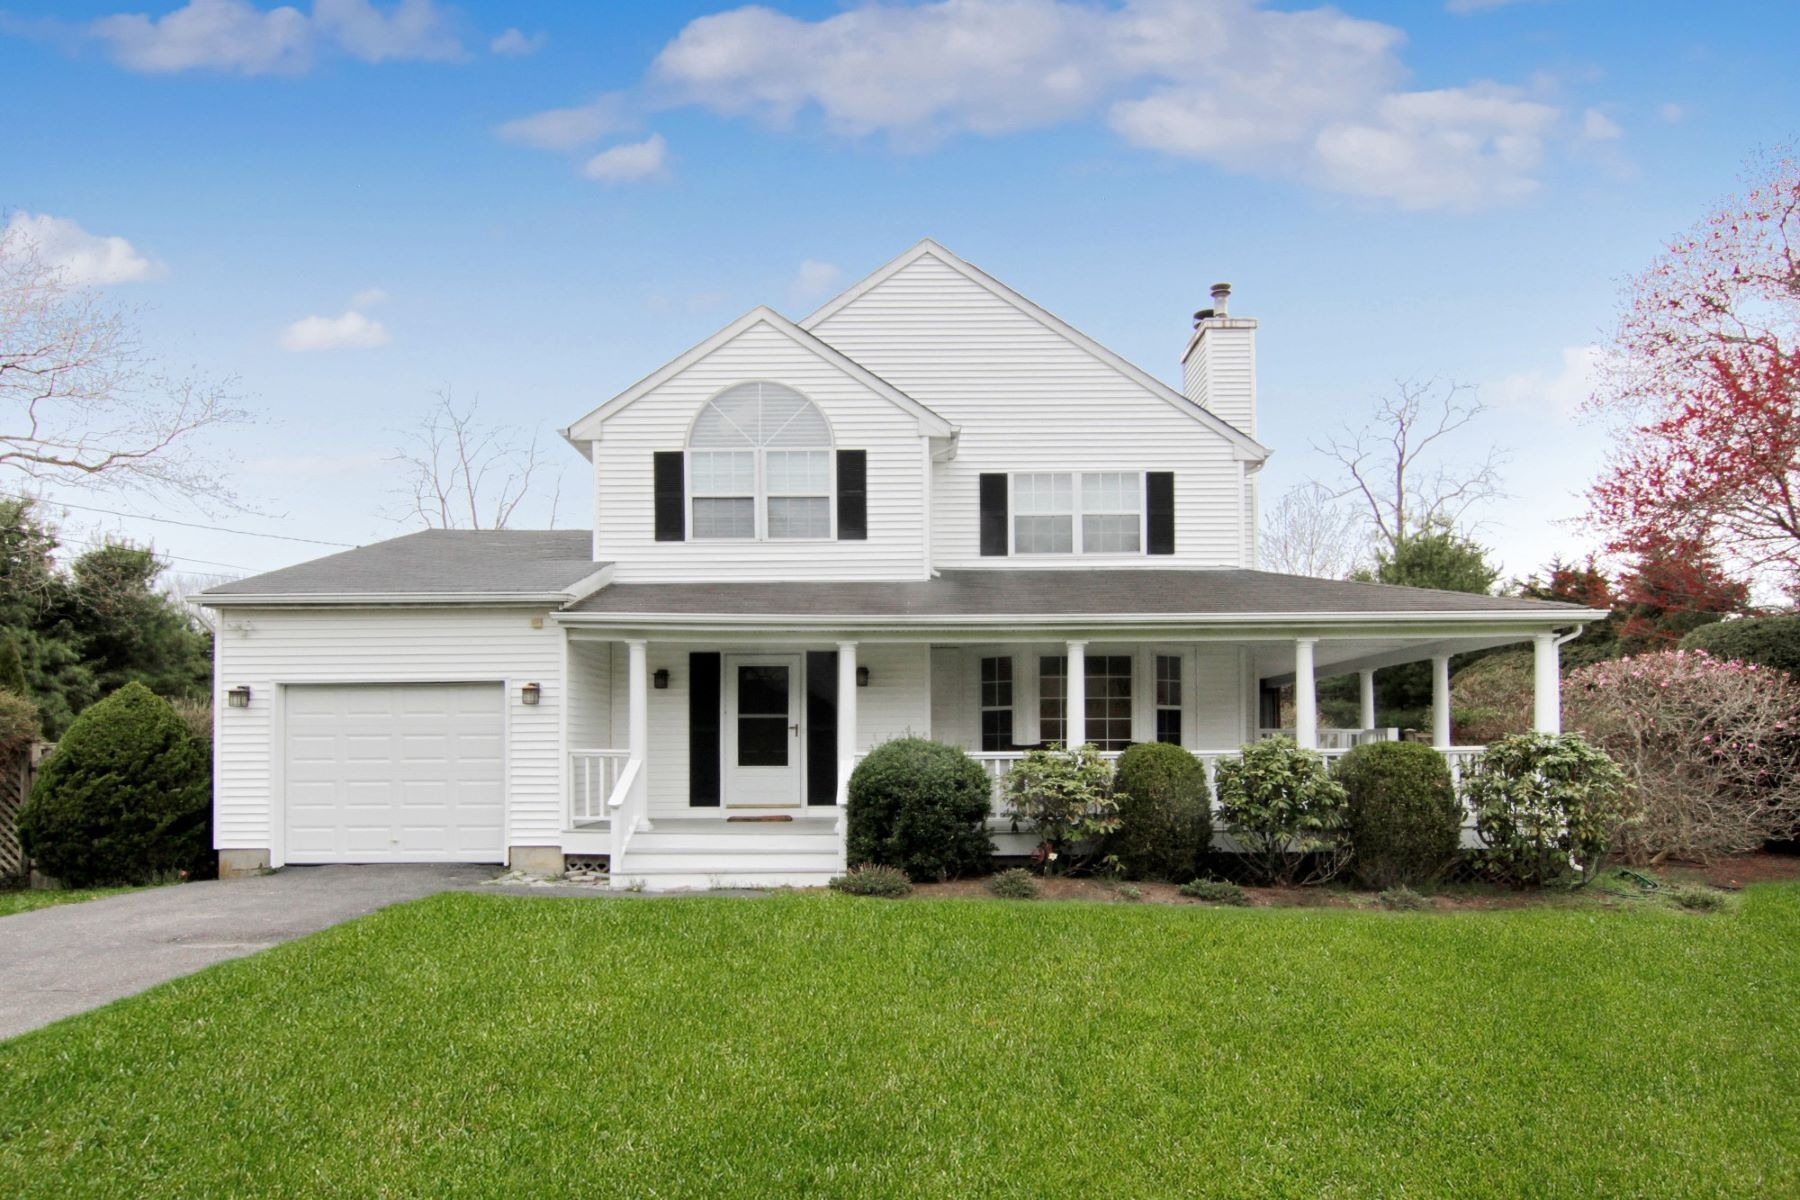 Частный односемейный дом для того Продажа на Summer Retreat 13 Shore Road Remsenburg, Нью-Йорк, 11960 Соединенные Штаты